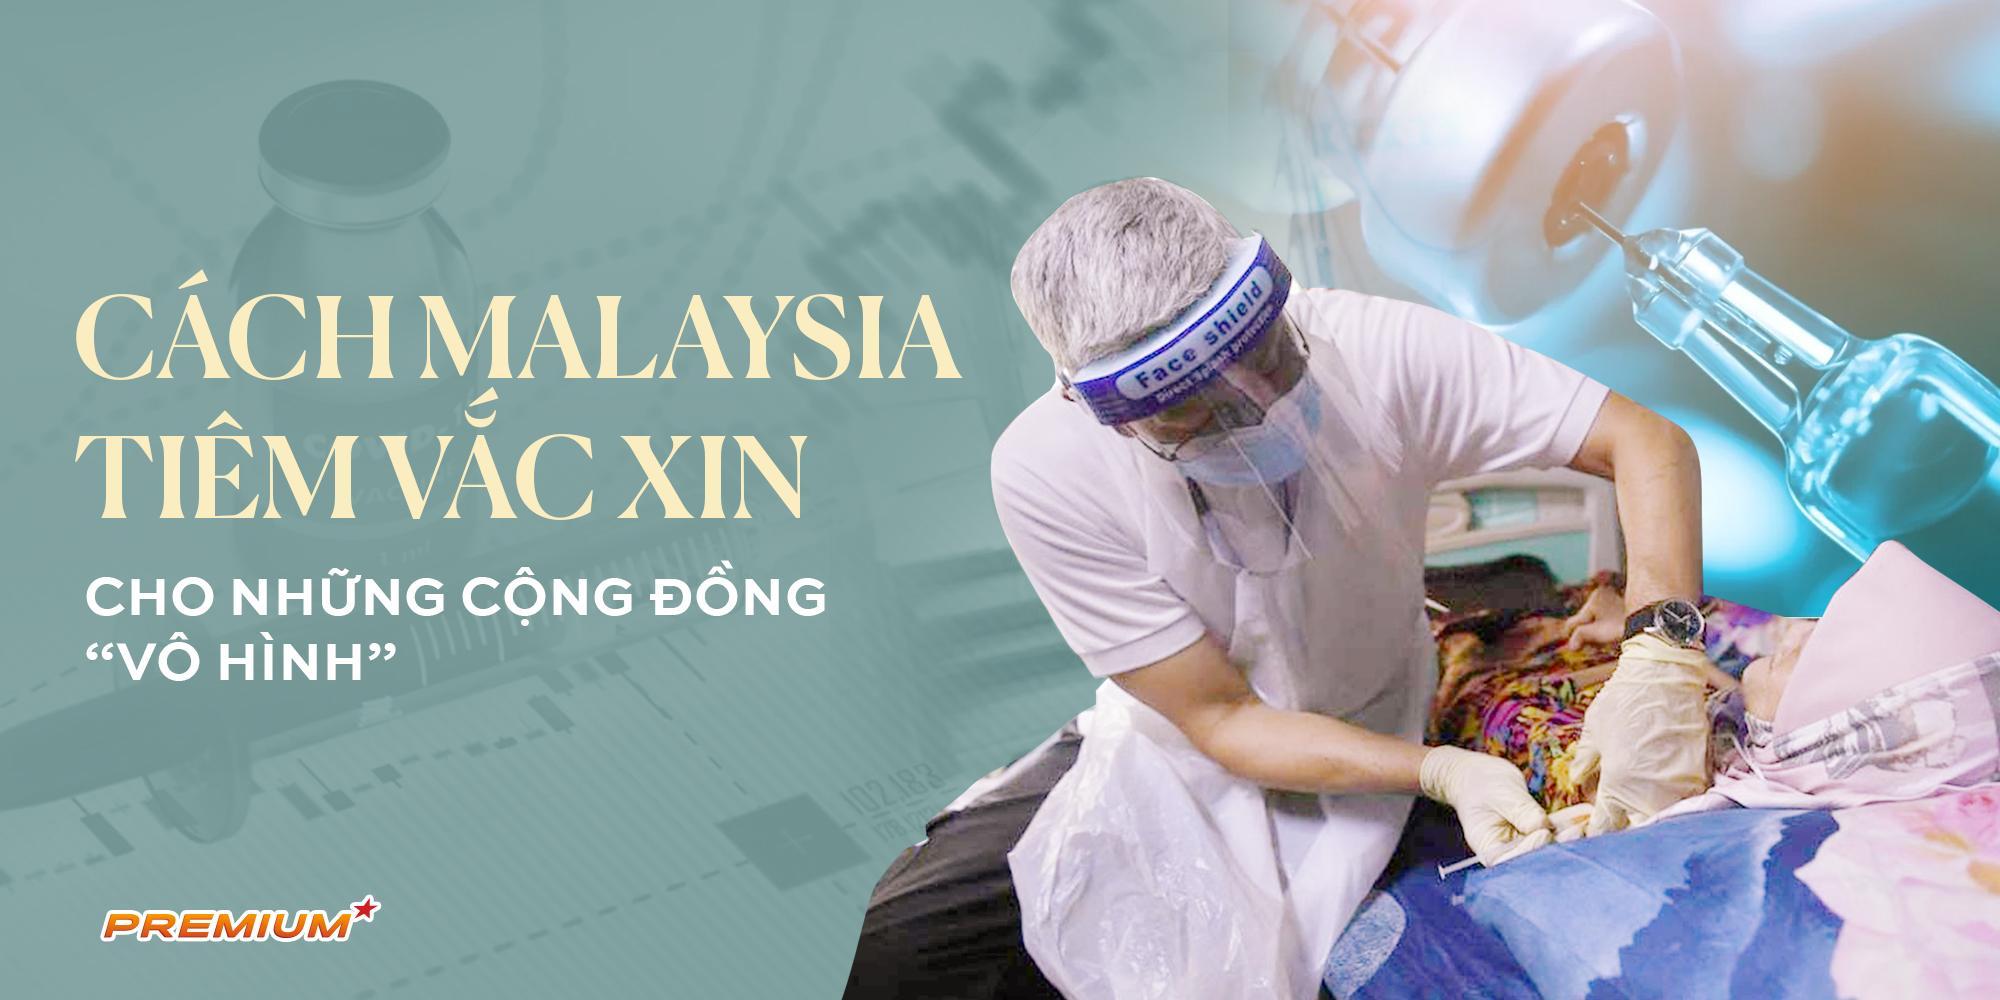 Cách Malaysia tiêm vắc xin cho những cộng đồng 'vô hình'